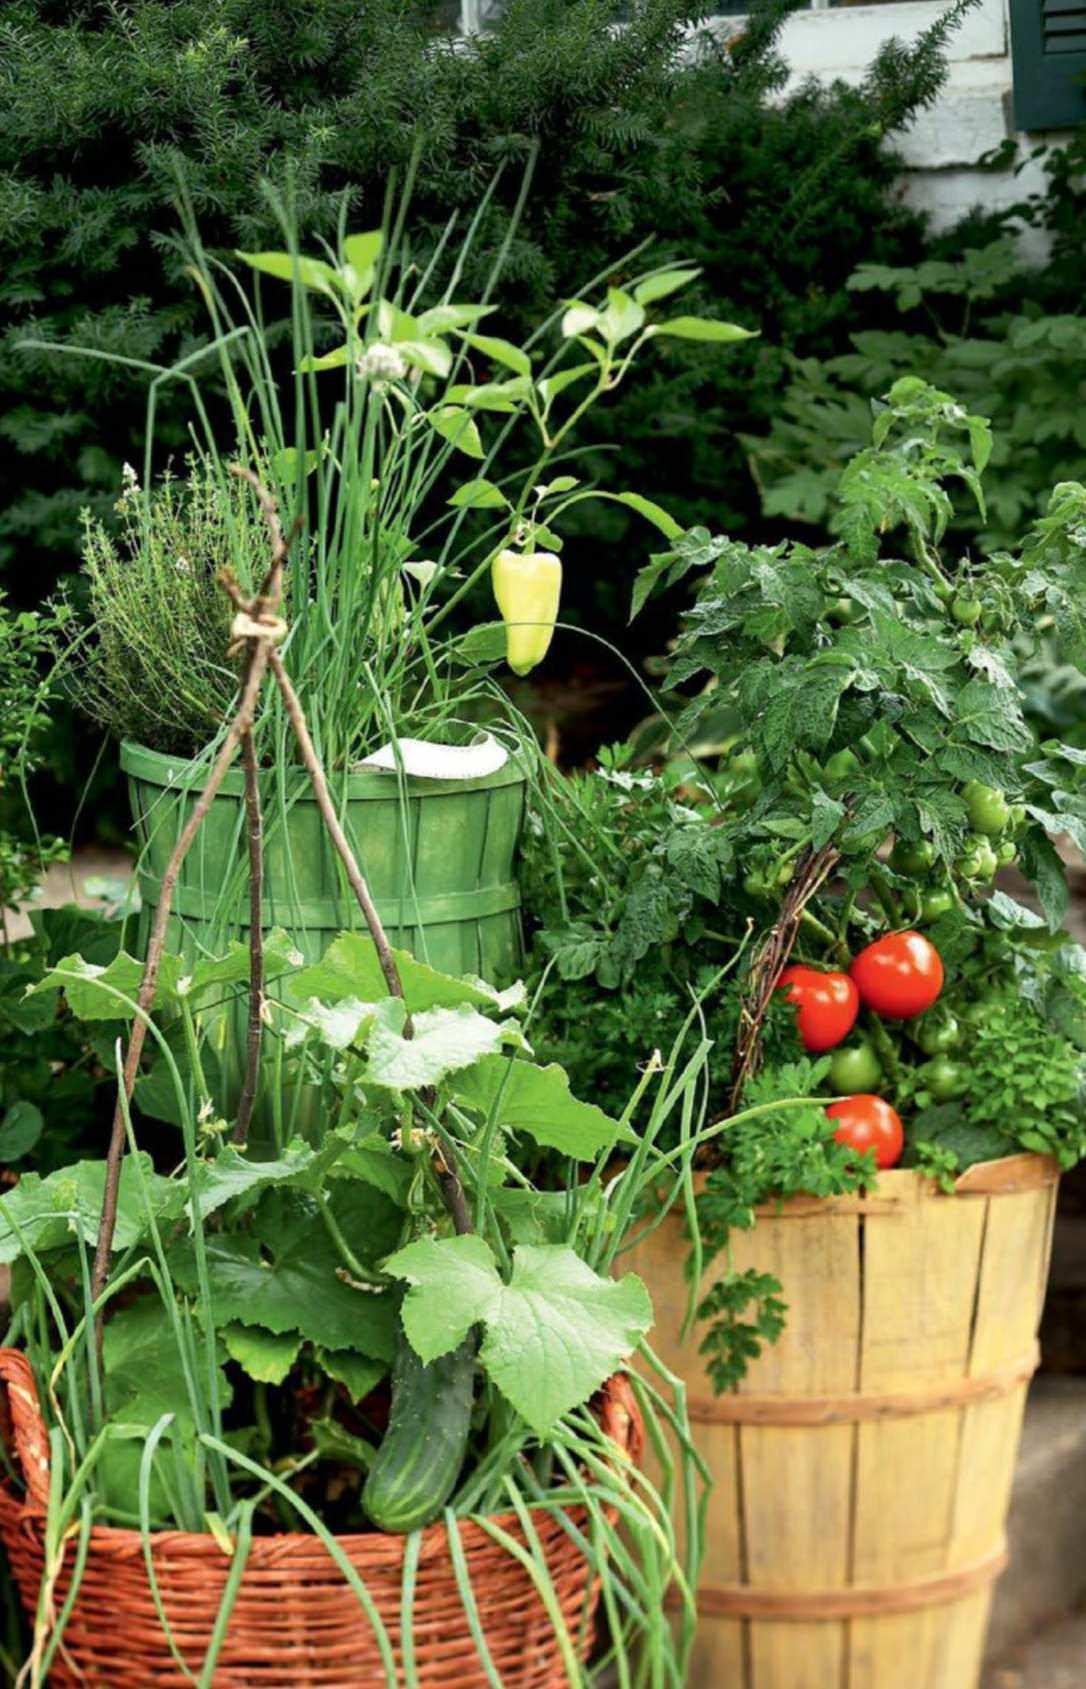 Огород на балконе - 20 идей дизайна для выращивания овощей и.